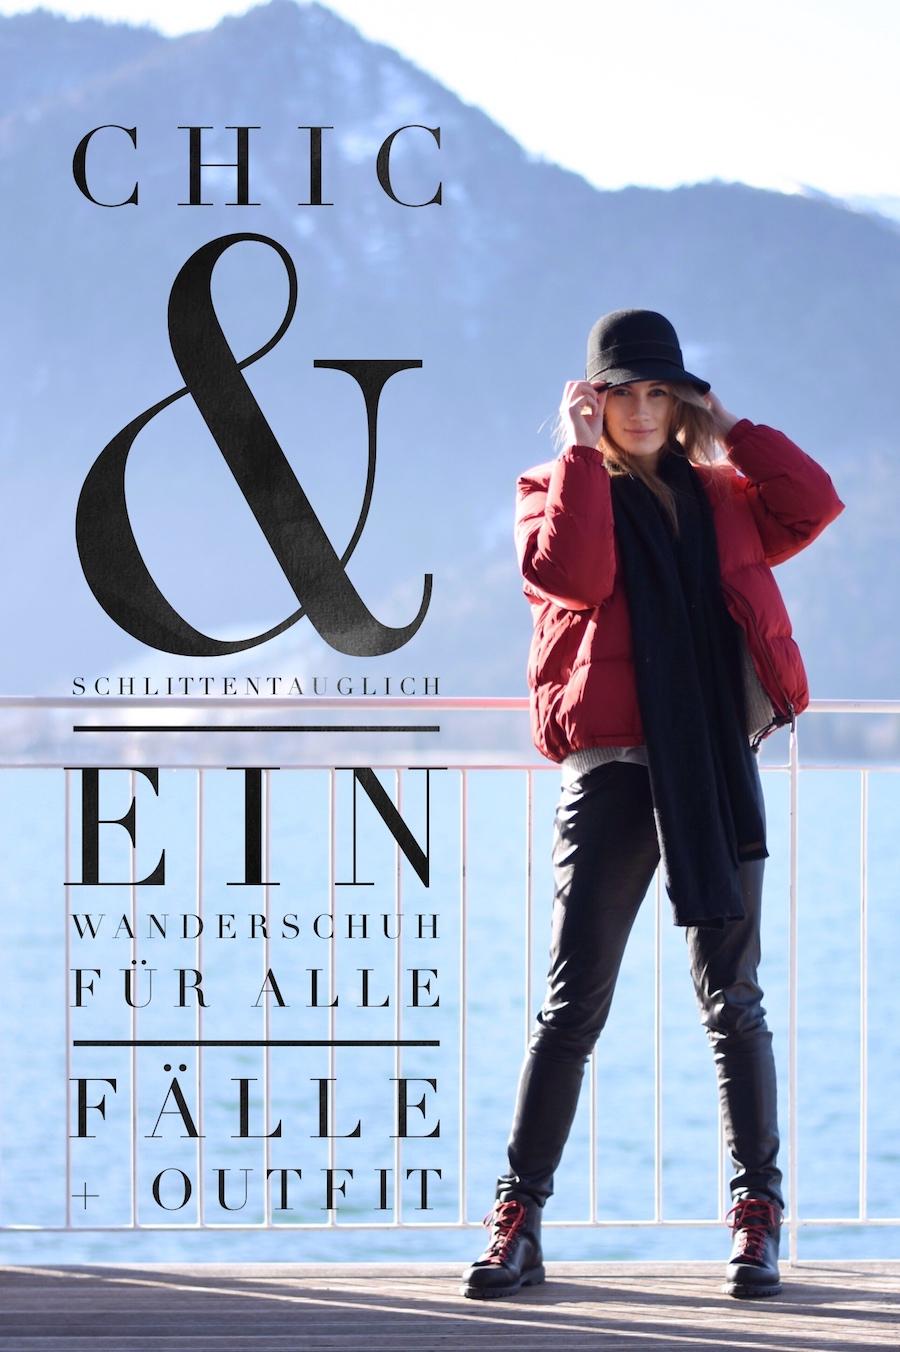 Chic & Schlittentauglich - Ein Wanderschuh für alle Fälle + Outfit susamamma.de PinIt